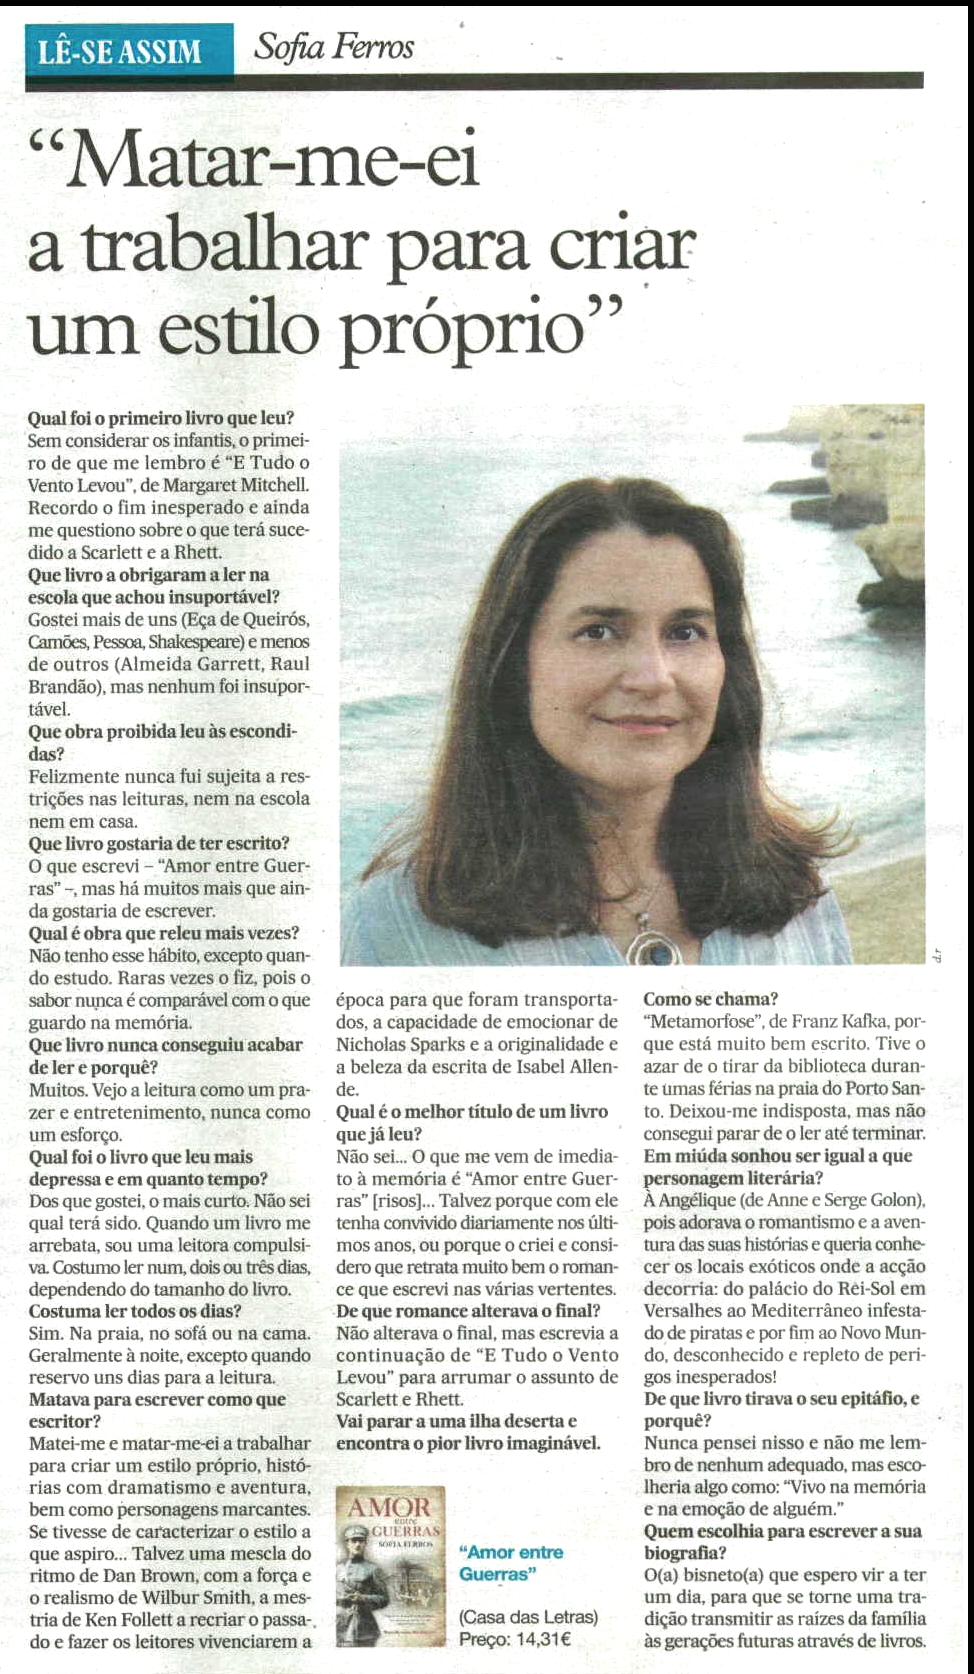 """Sofia Ferros, autora do livro """"AMOR entre GUERRAS"""", em Entrevista ao Jornal i, 04/10/2014"""